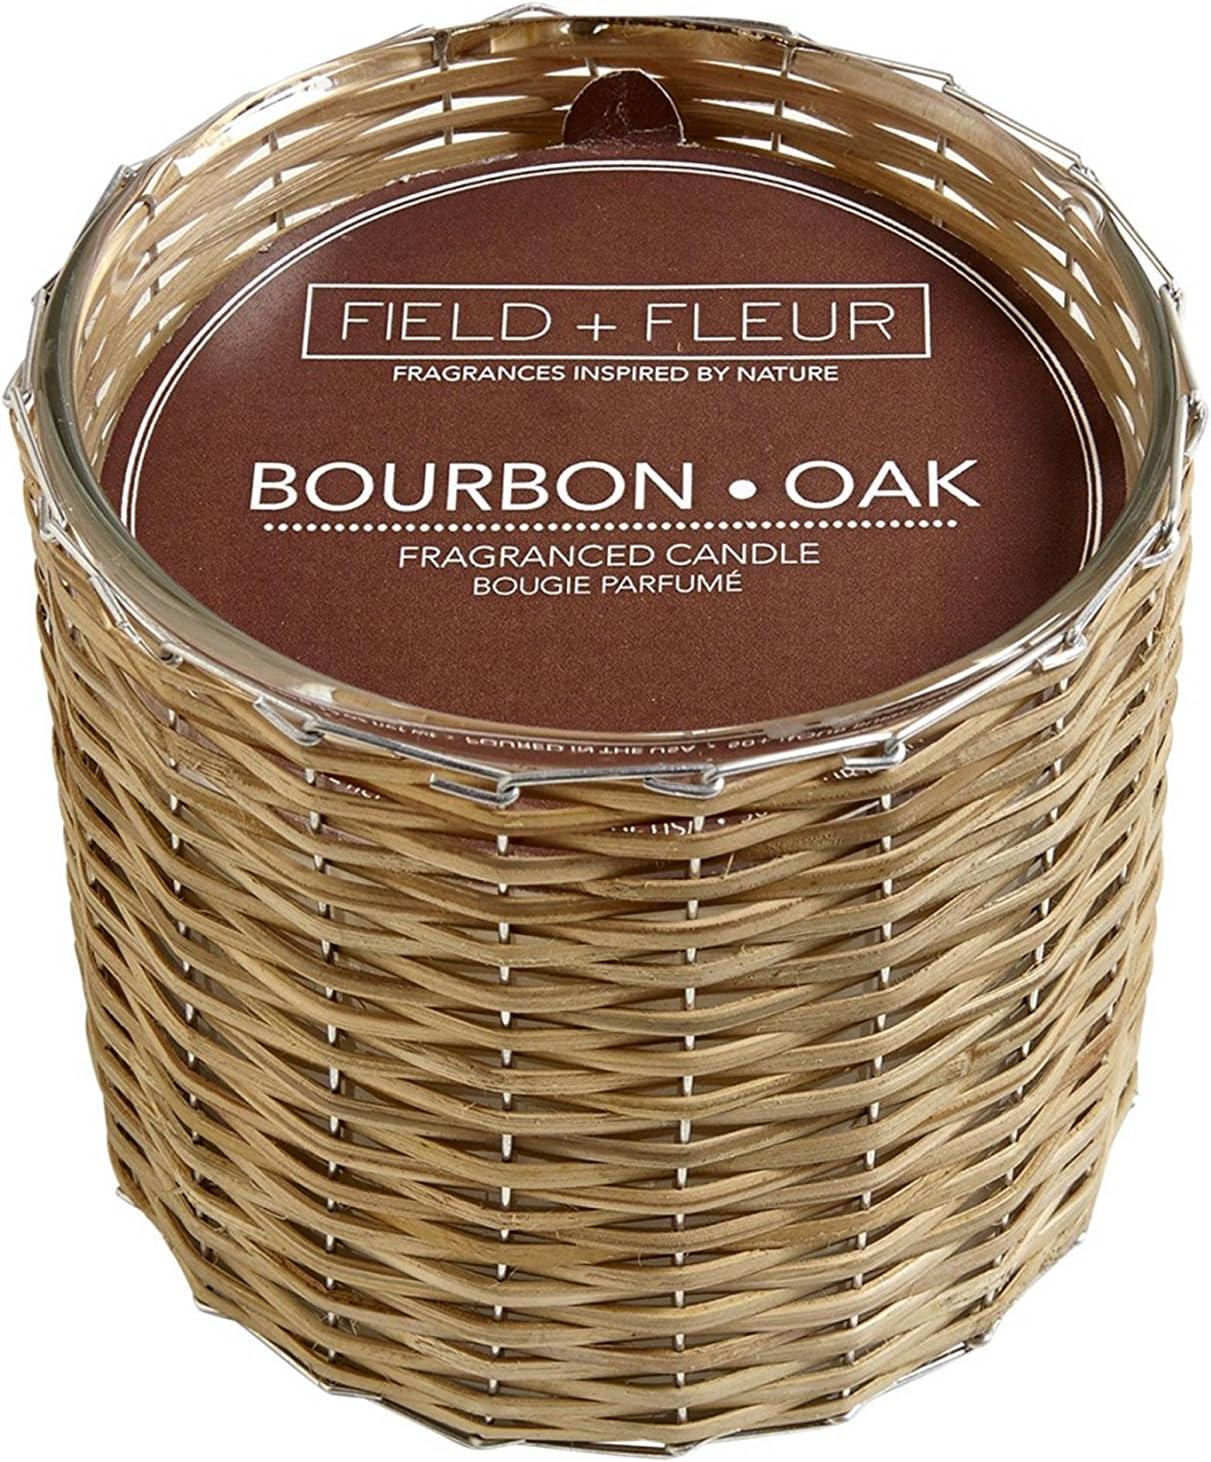 BOURBON+OAK Field Fleur Reed 2-Wick Handwoven 12 oz Scented Jar Candle